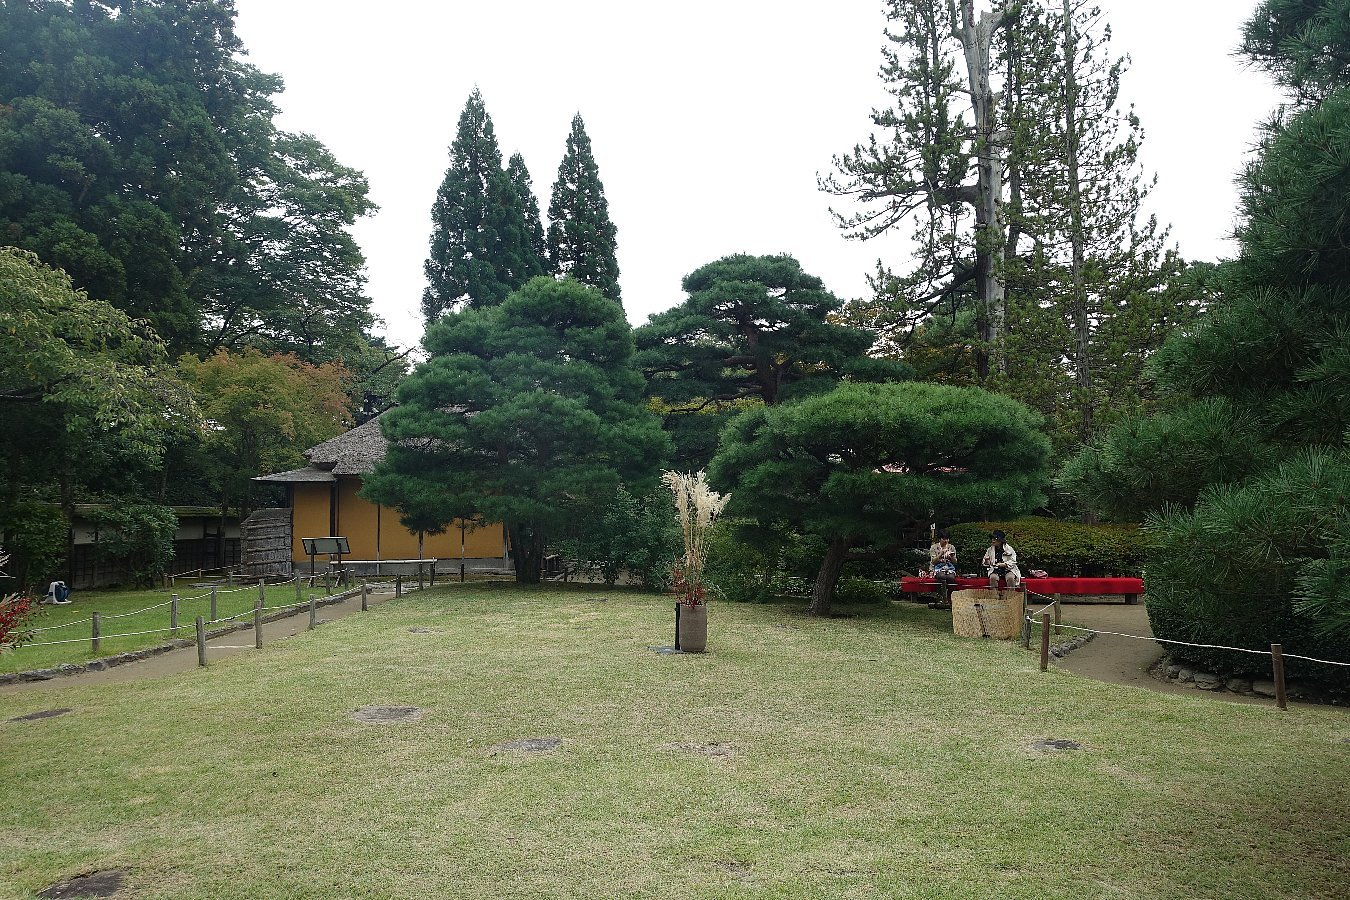 鶴ヶ城公園 茶室「麟閣」_c0112559_08445088.jpg